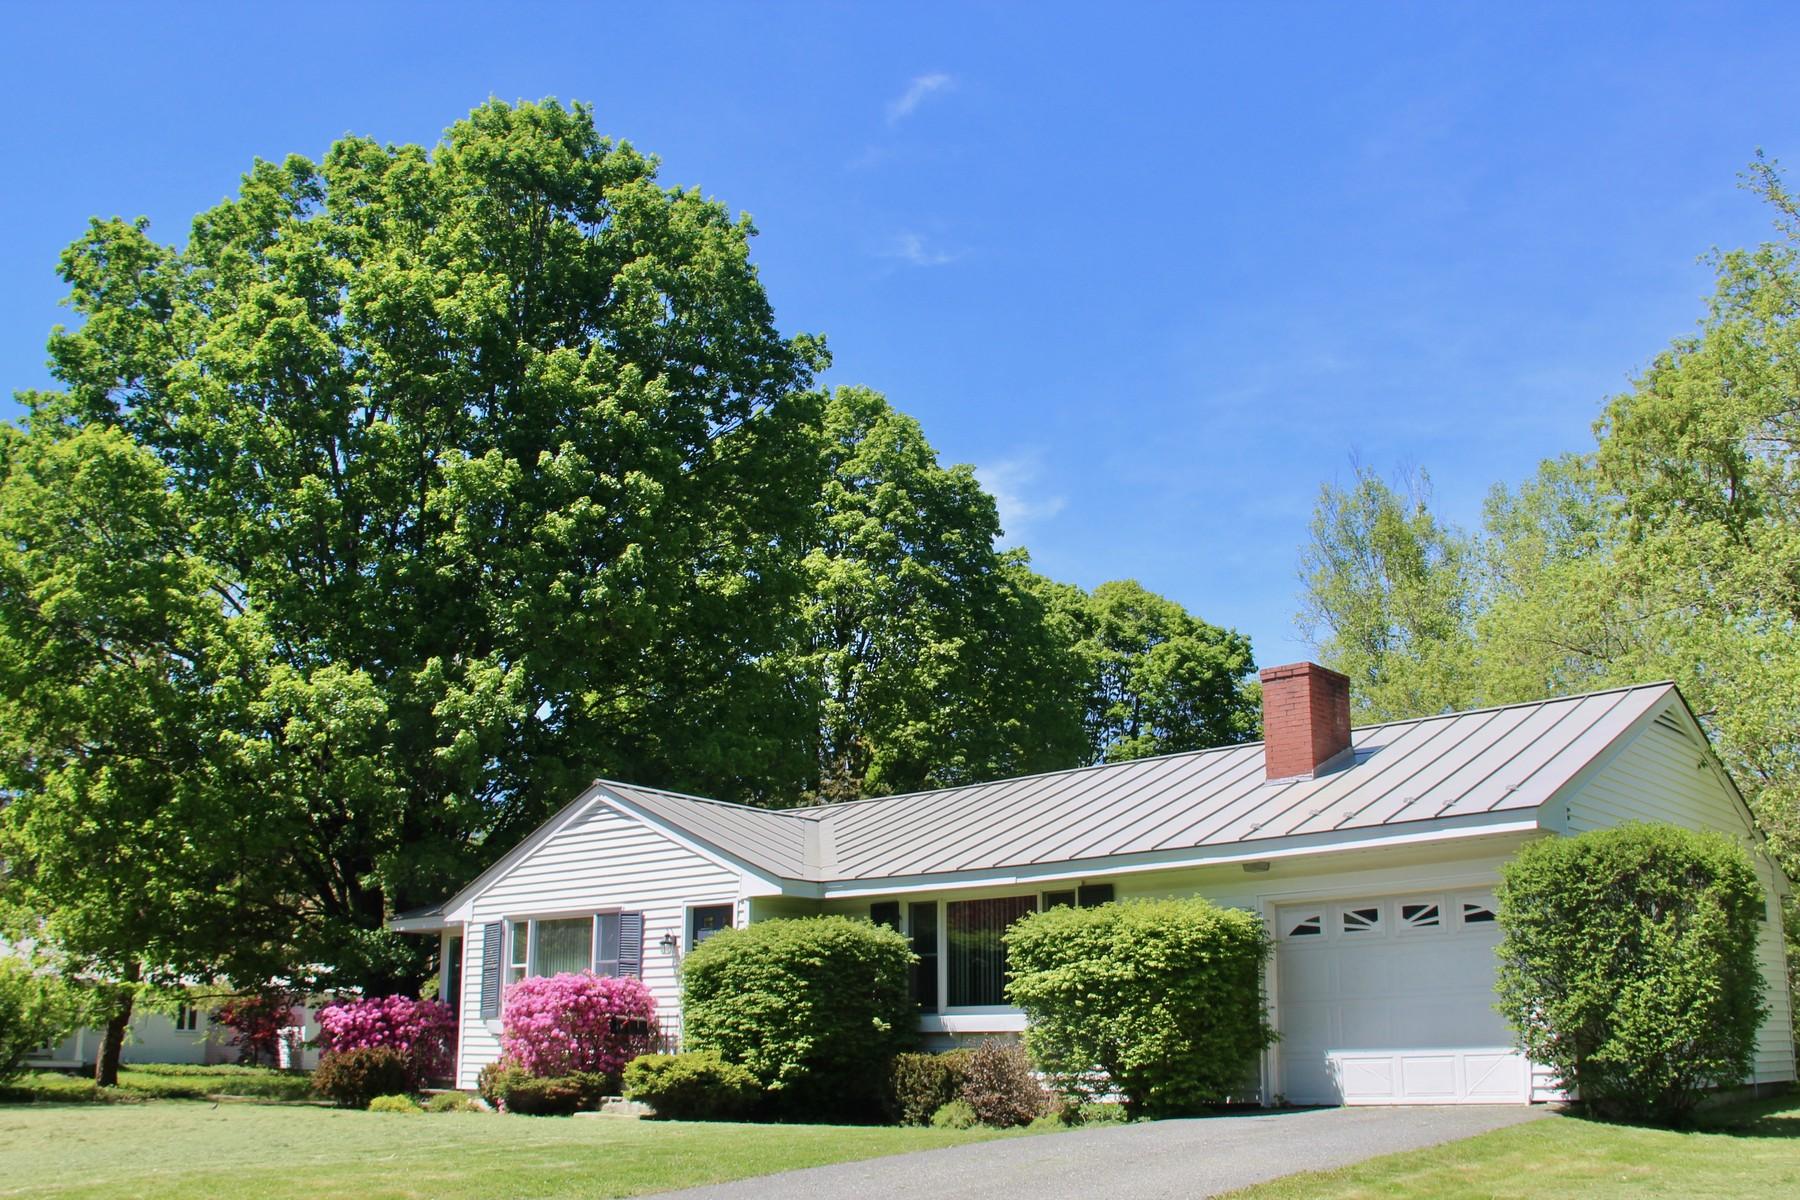 Tek Ailelik Ev için Satış at 6 Weatherby Road, Hanover 6 Weatherby Rd Hanover, New Hampshire, 03755 Amerika Birleşik Devletleri